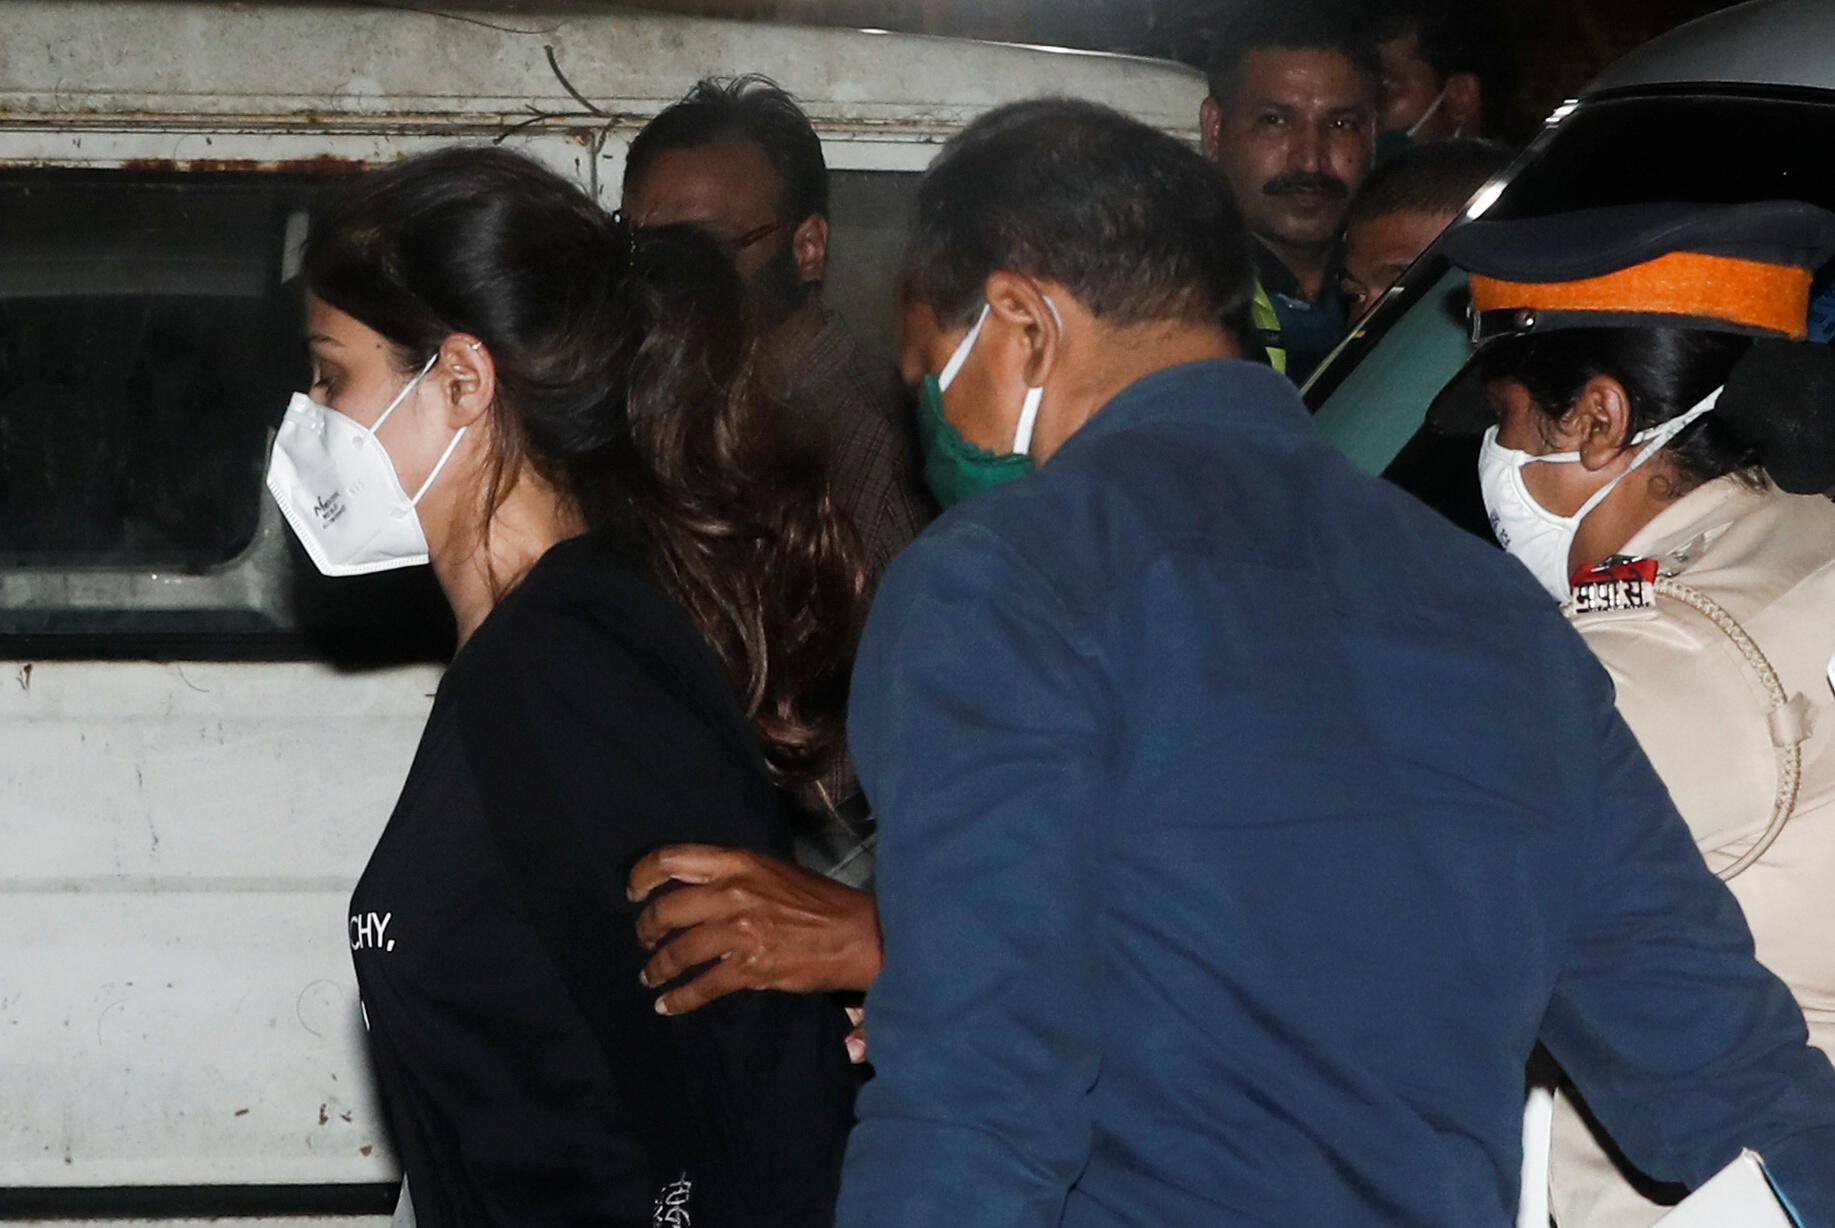 L'actrice de Bollywood Rhea Chakraborty arrive au Bureau de contrôle des stupéfiants (NCB) après son arrestation à Mumbai, le 8 septembre 2020.